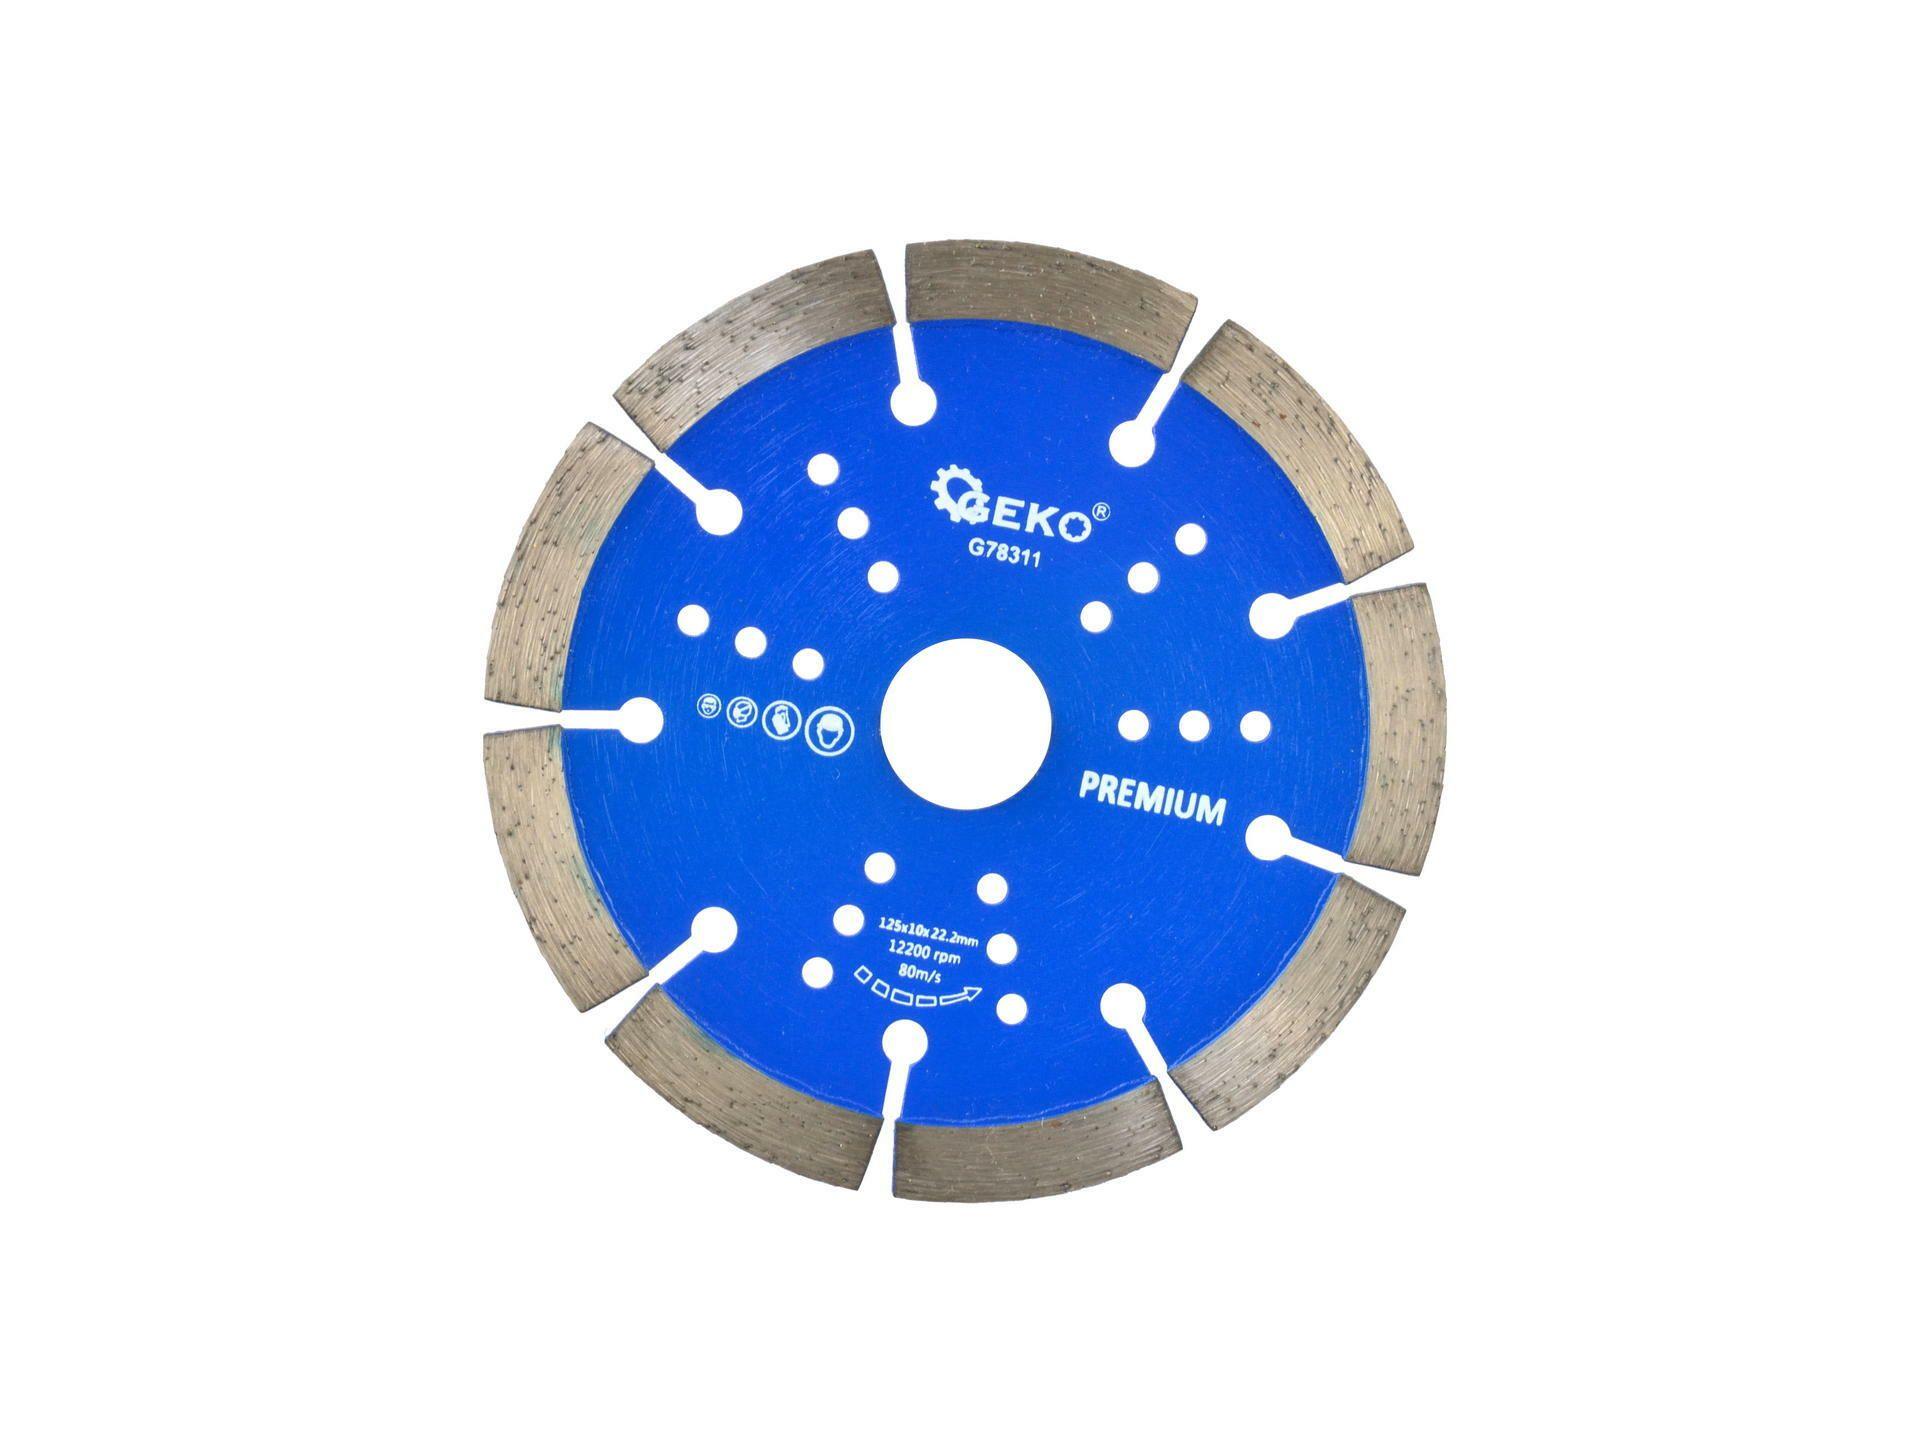 Řezný kotouč diamantový segmentový, 125x22x10mm, GEKO